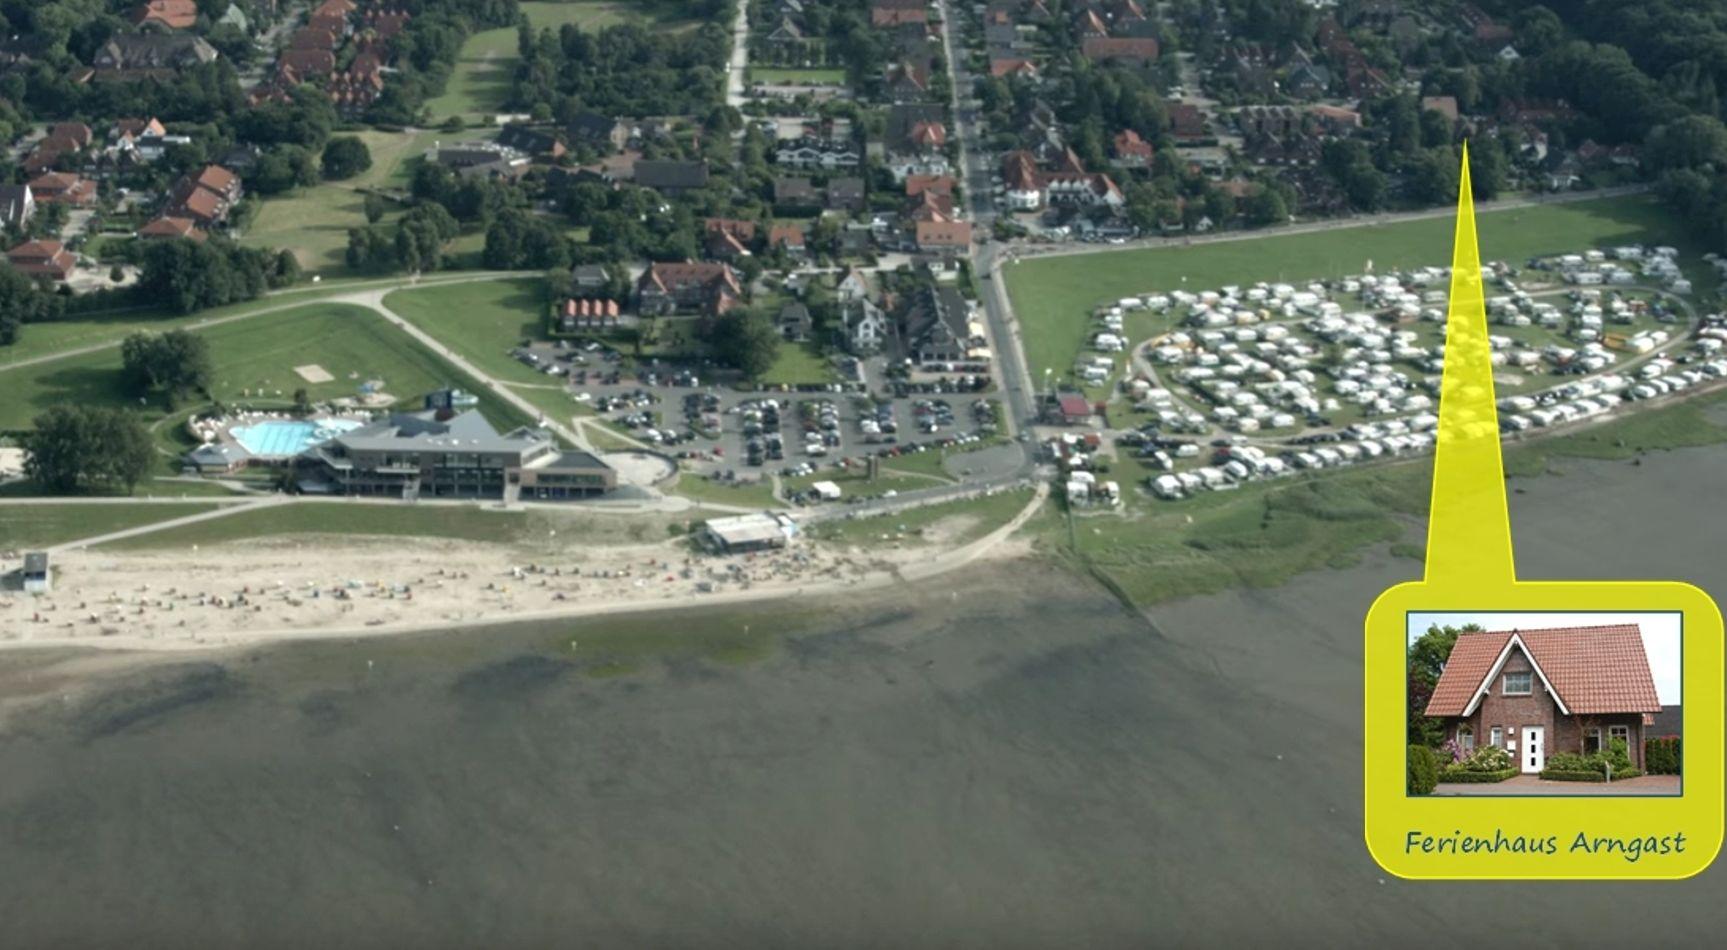 Lage des Ferienhauses in Dangast